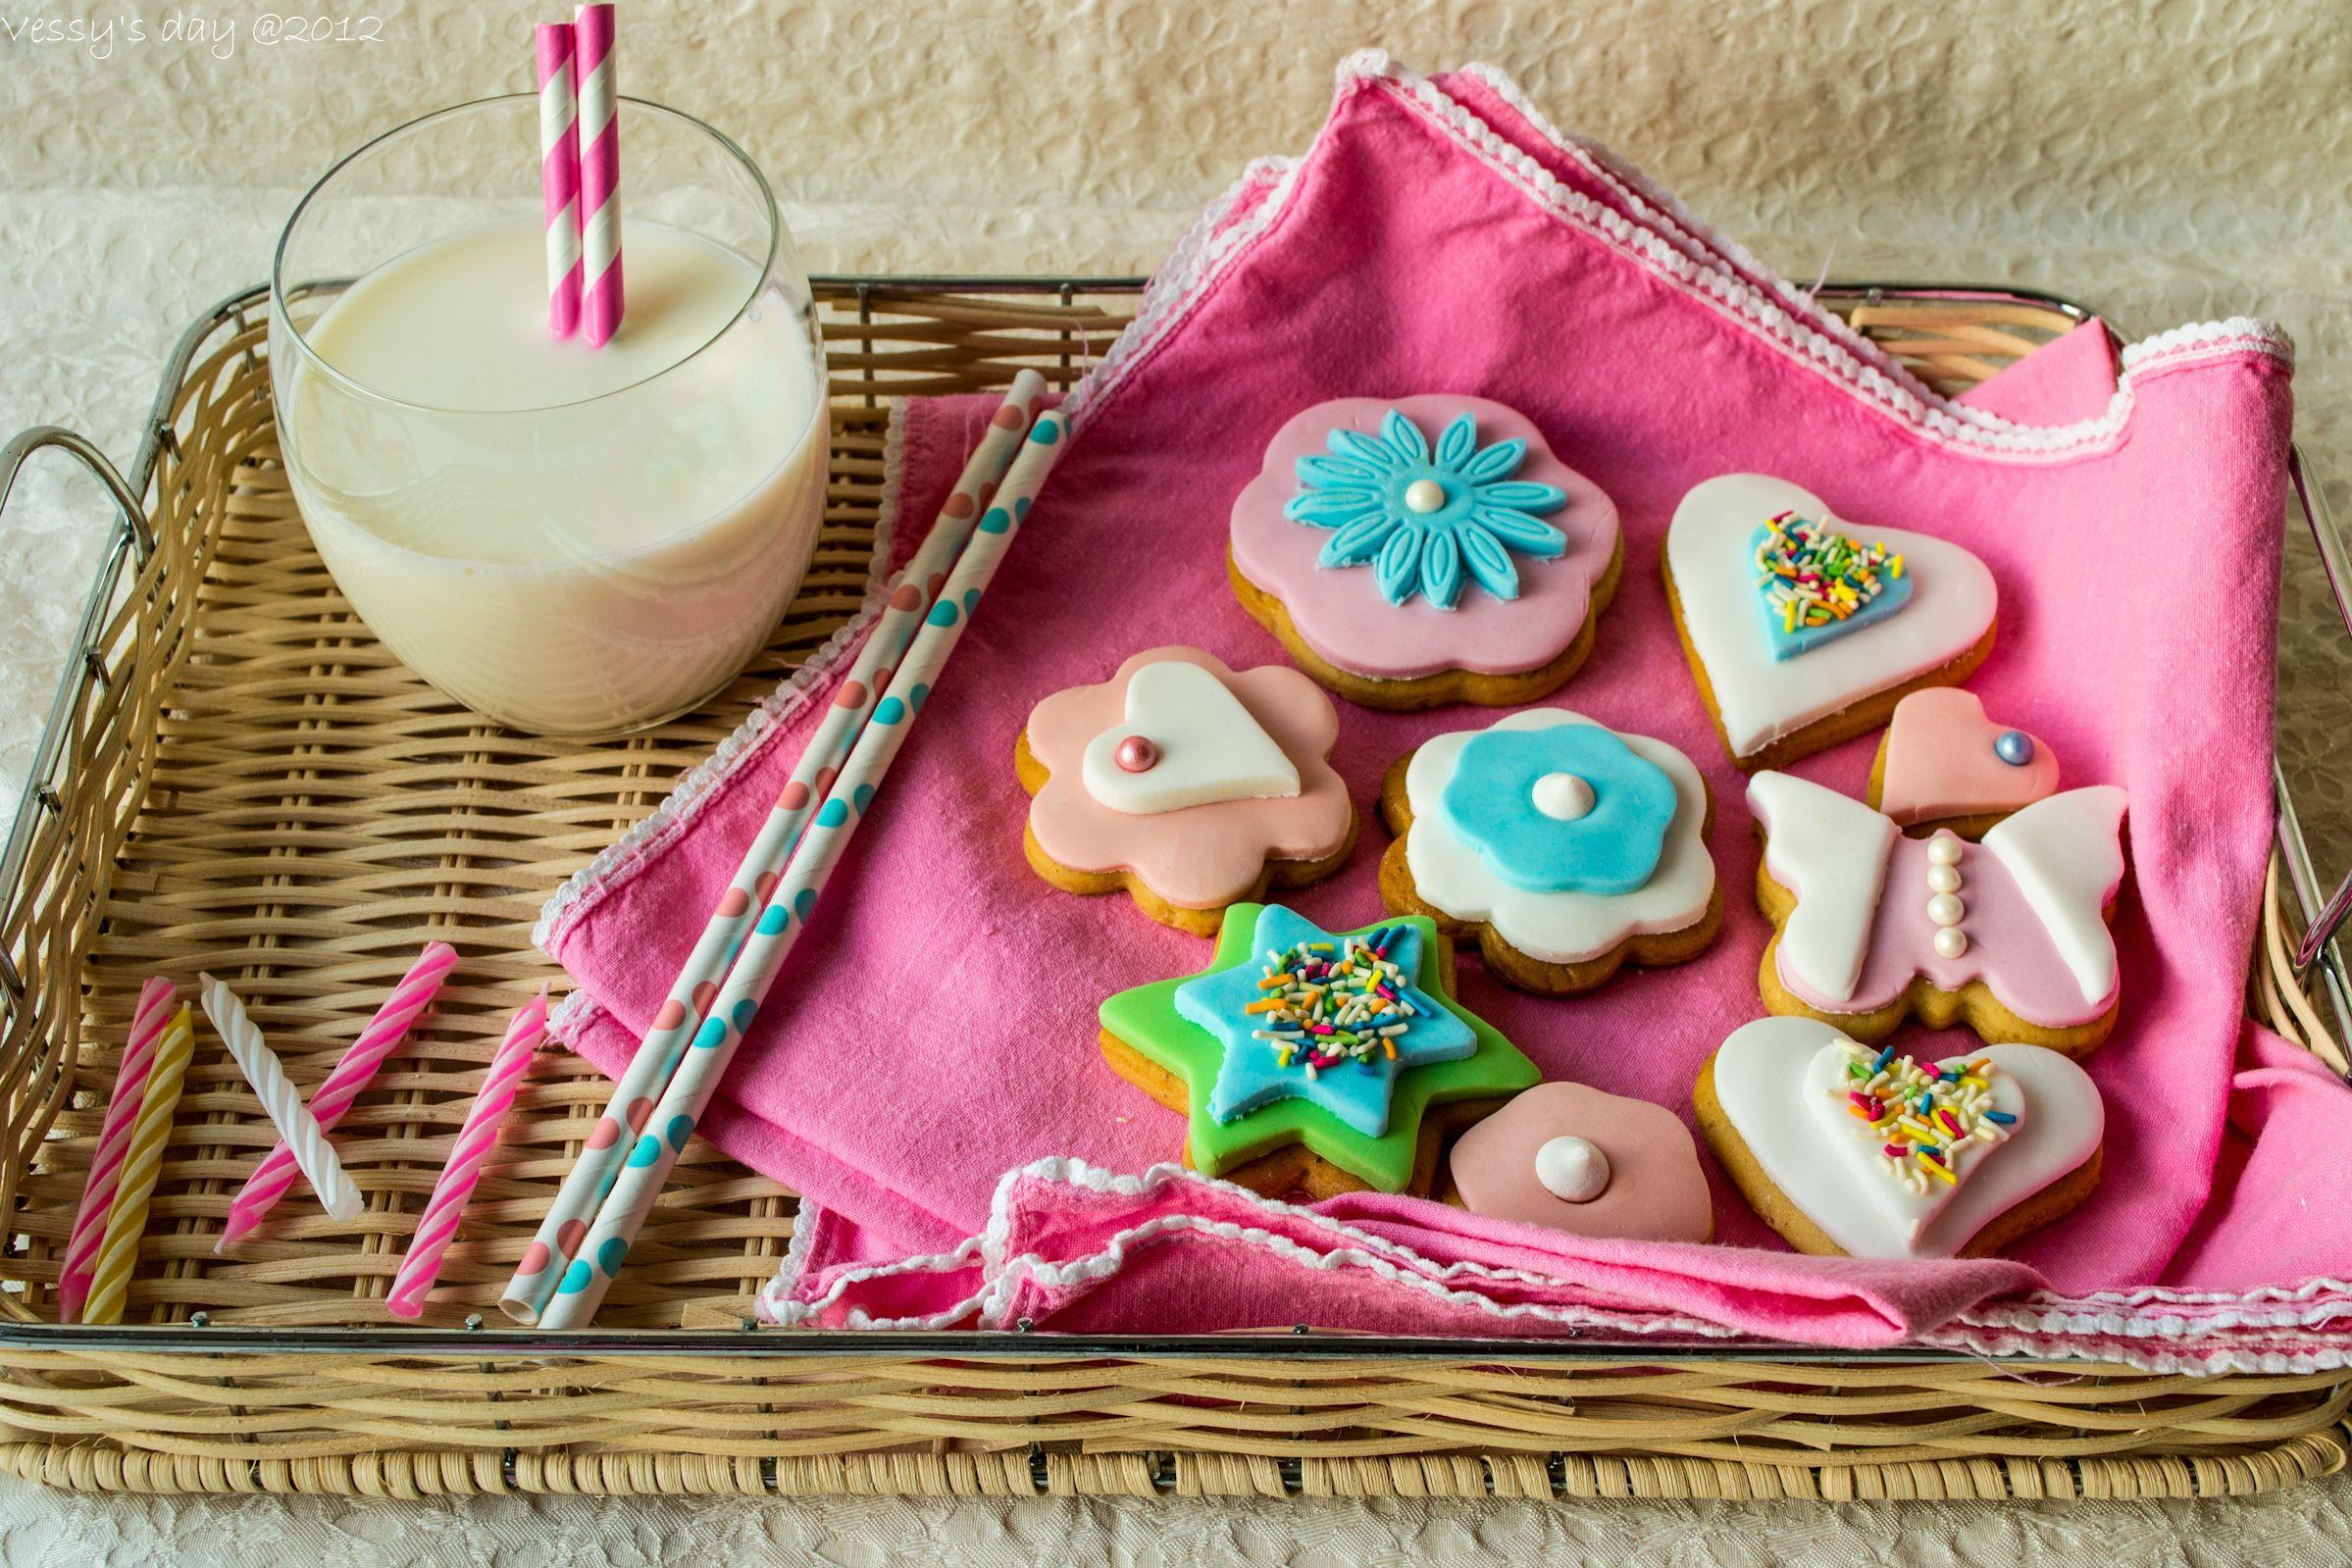 Wallpapers Milk Food Cookies Pastry 2398x1599